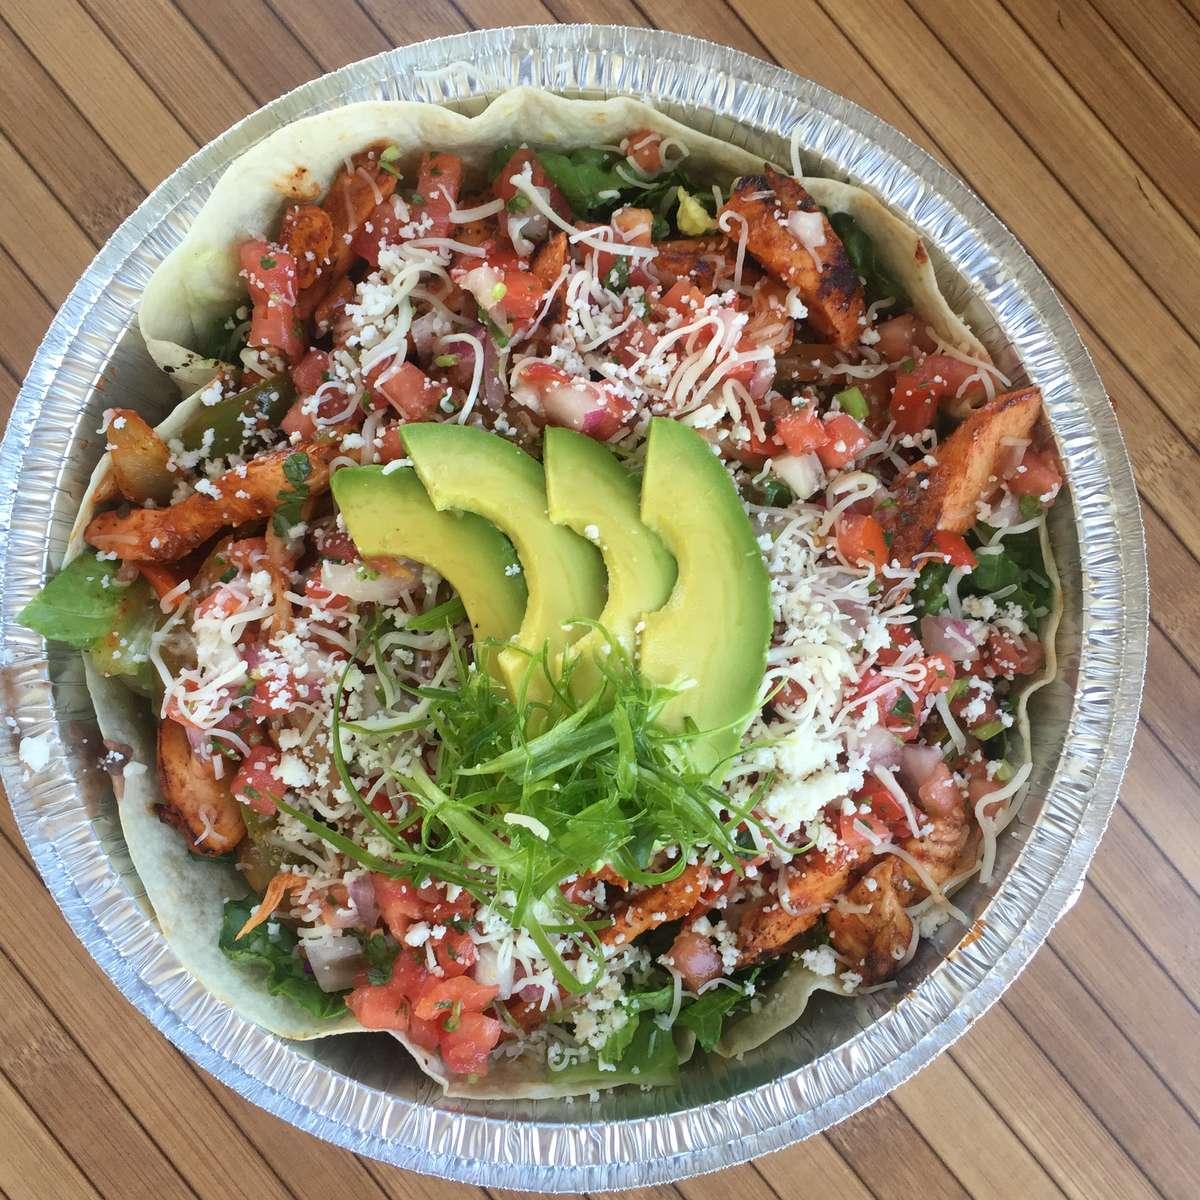 Fiesta Burrito Bowls